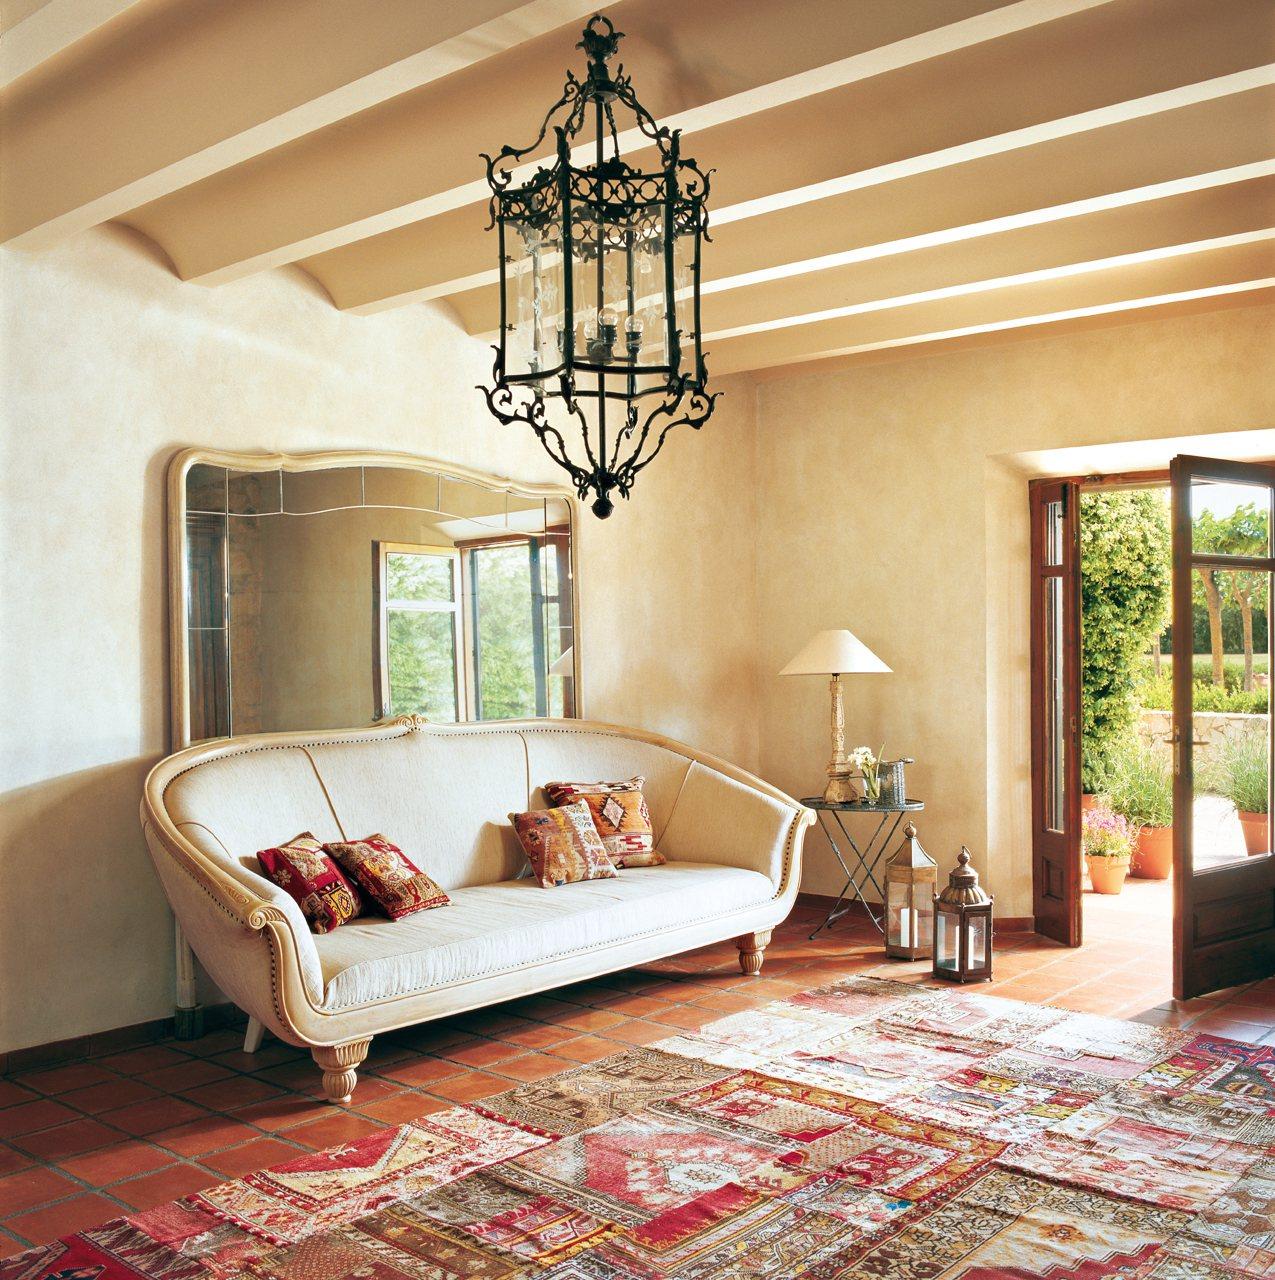 Decora tu casa con espejos son pura magia - Mueble recibidor rustico ...